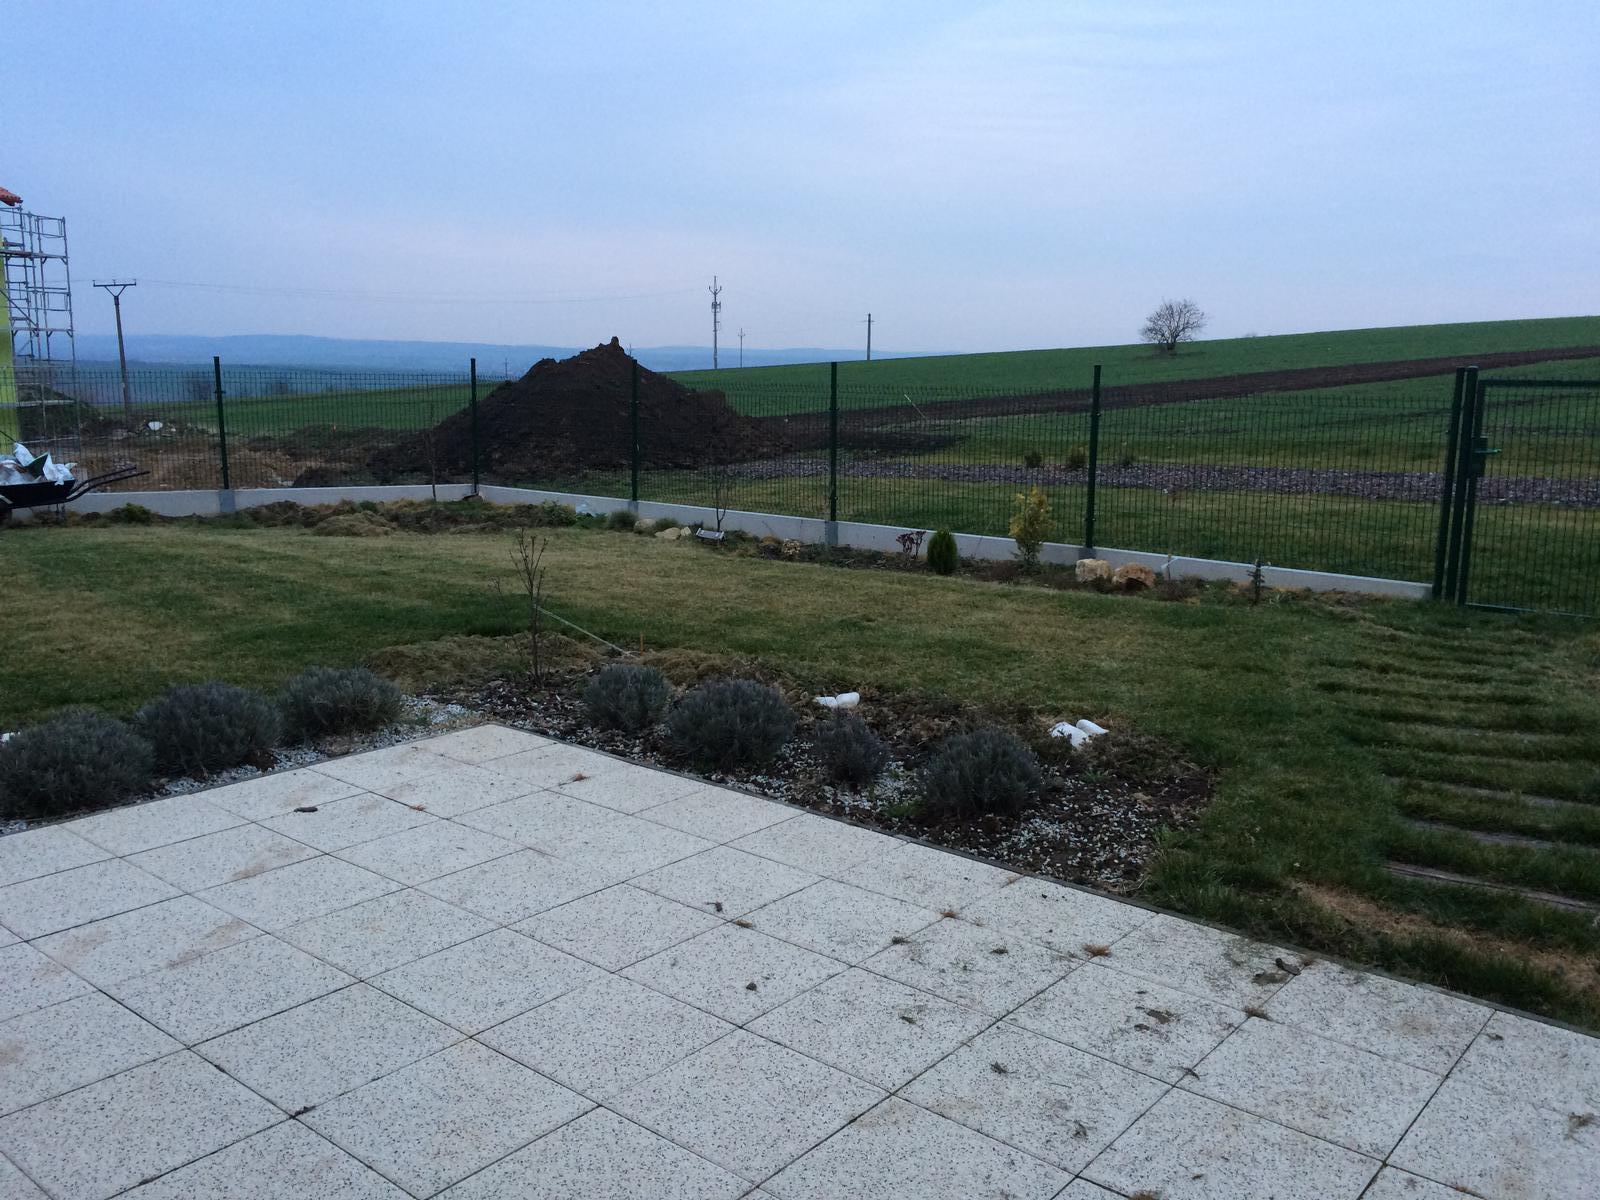 Zahradka nasa 2015 - Pokoseny travnik.. Snad se brzo vzpamatuje :)